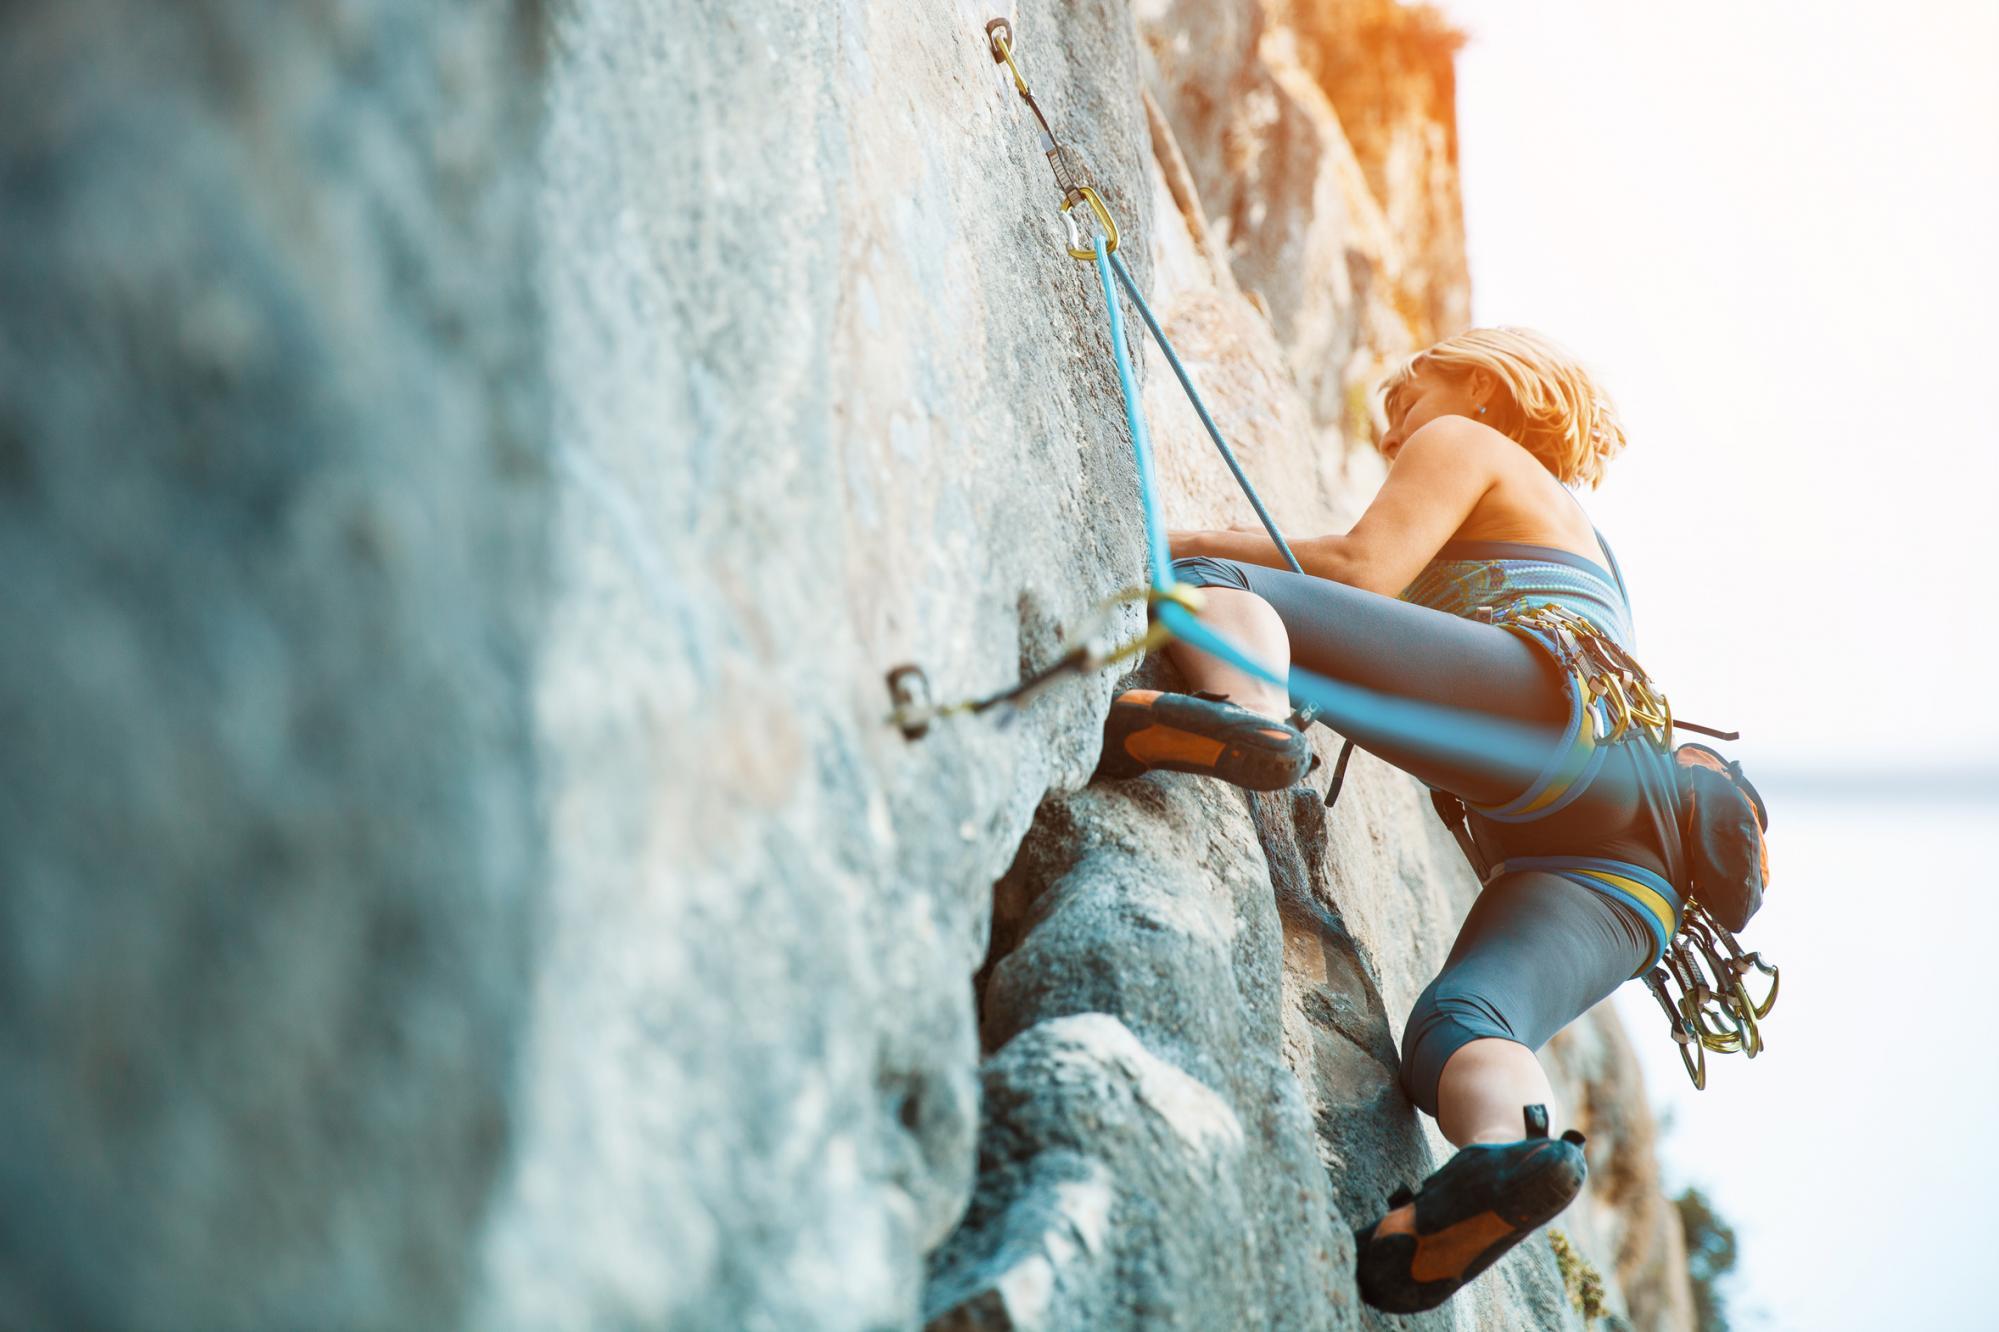 Climbing- Les Dalles du Dar - Villars-Gryon – Les Diablerets – Bex ...